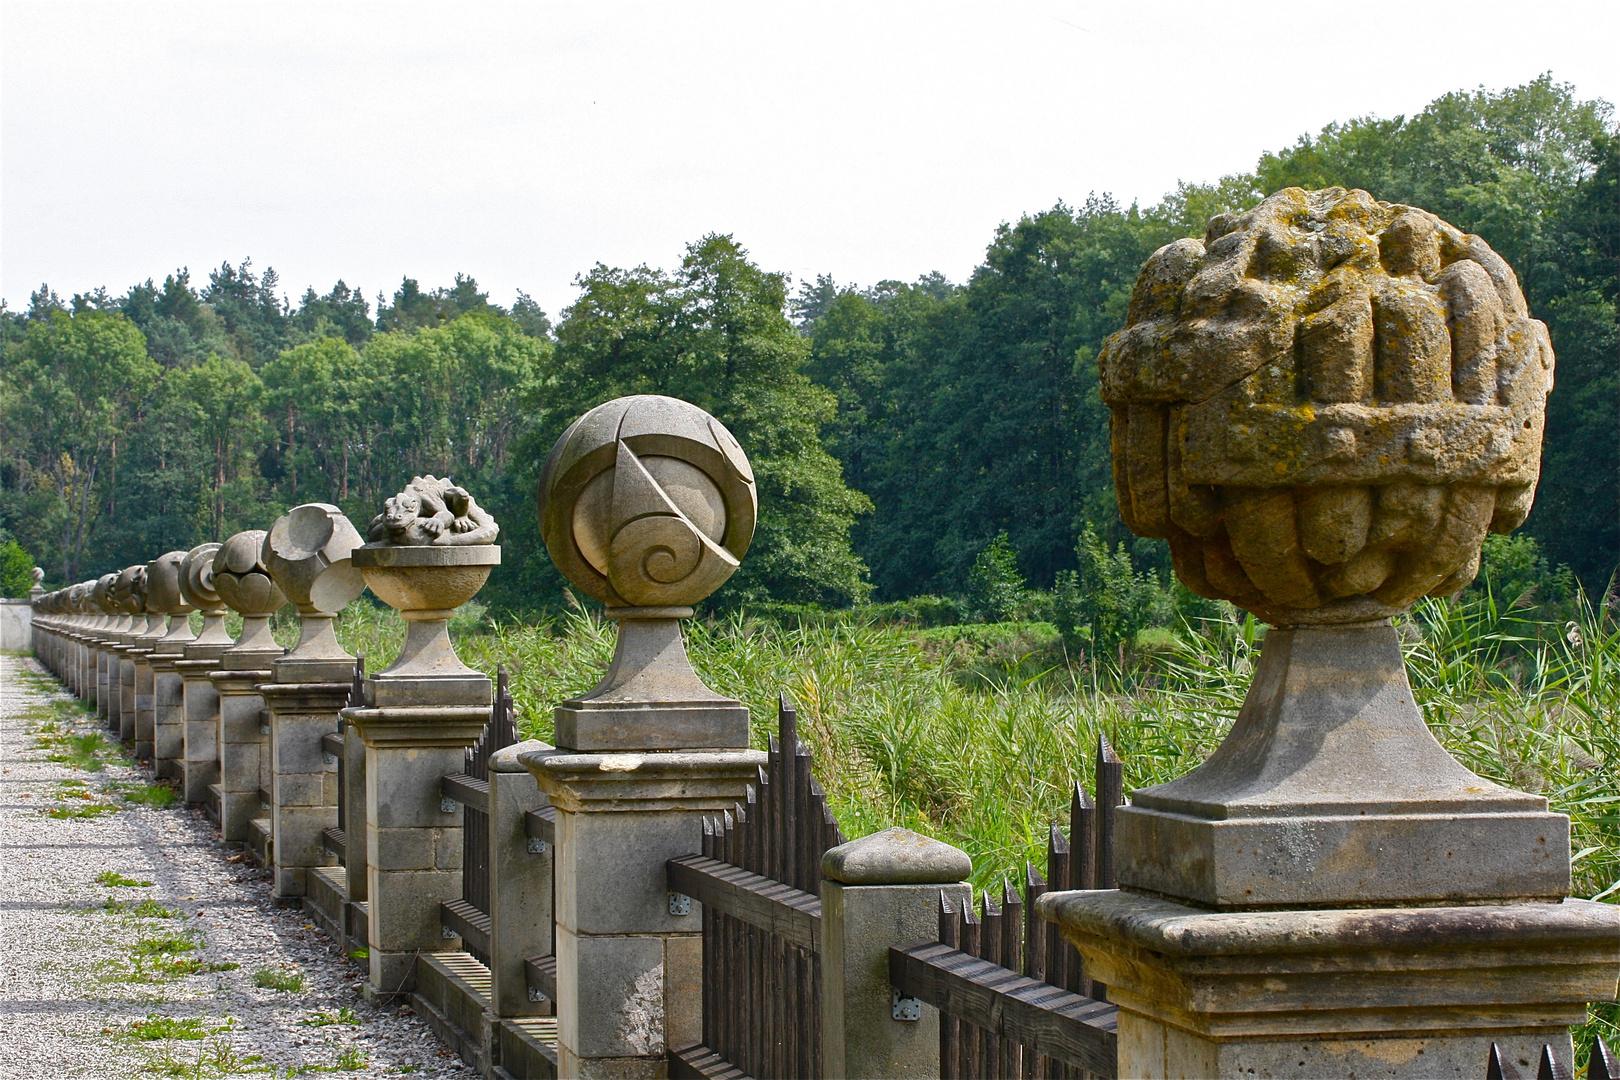 Zaunkunst in Seefeld bei Bamberg